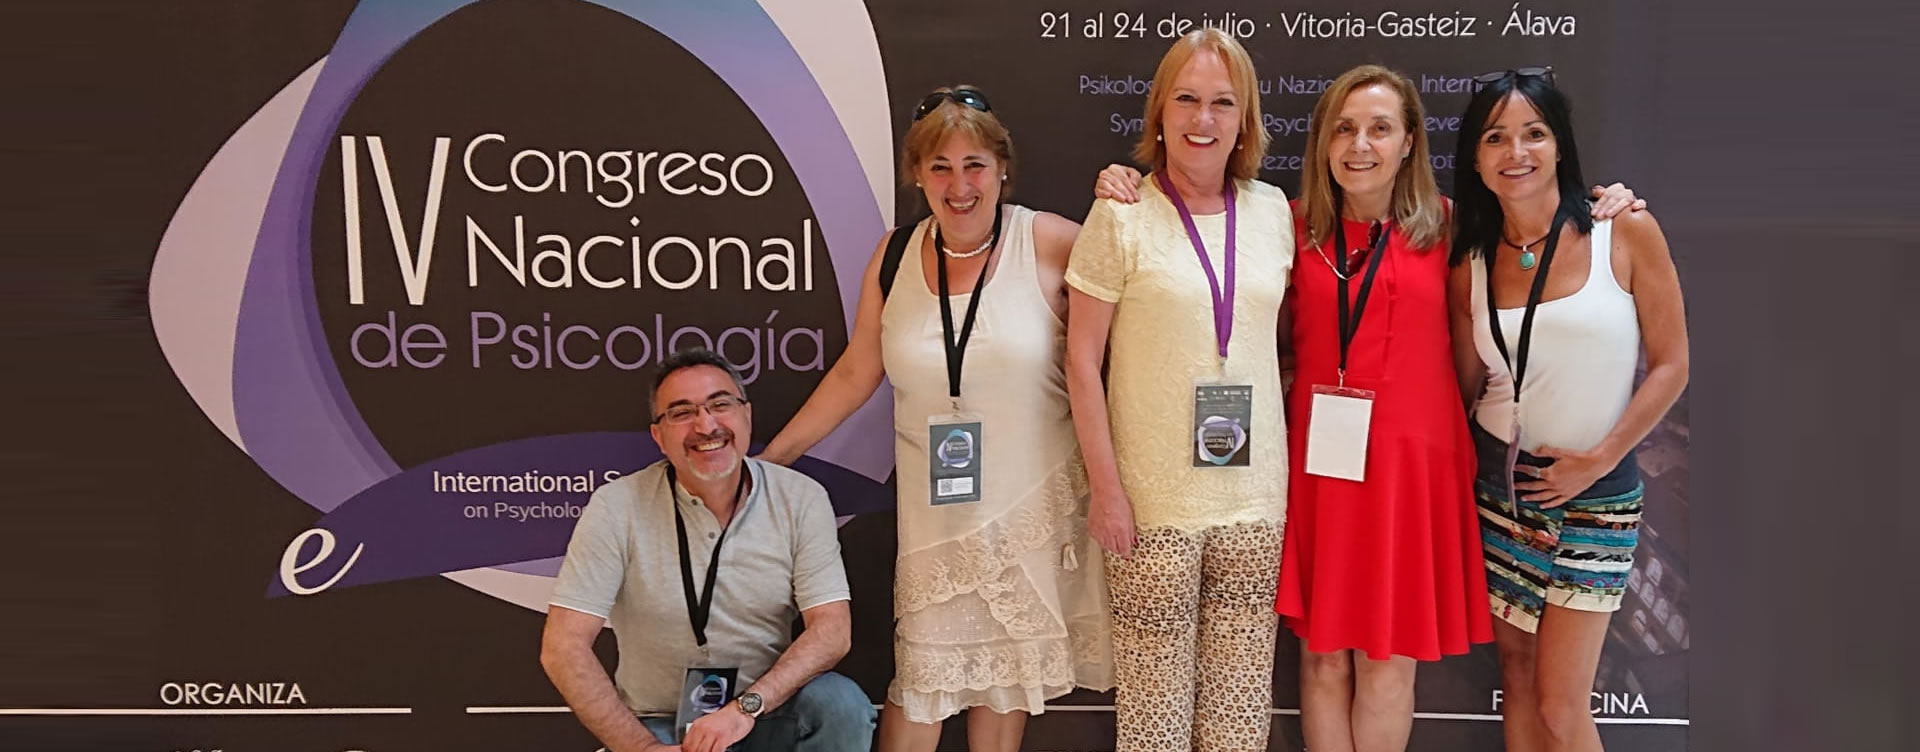 miembros-cop-congreso-vitoria